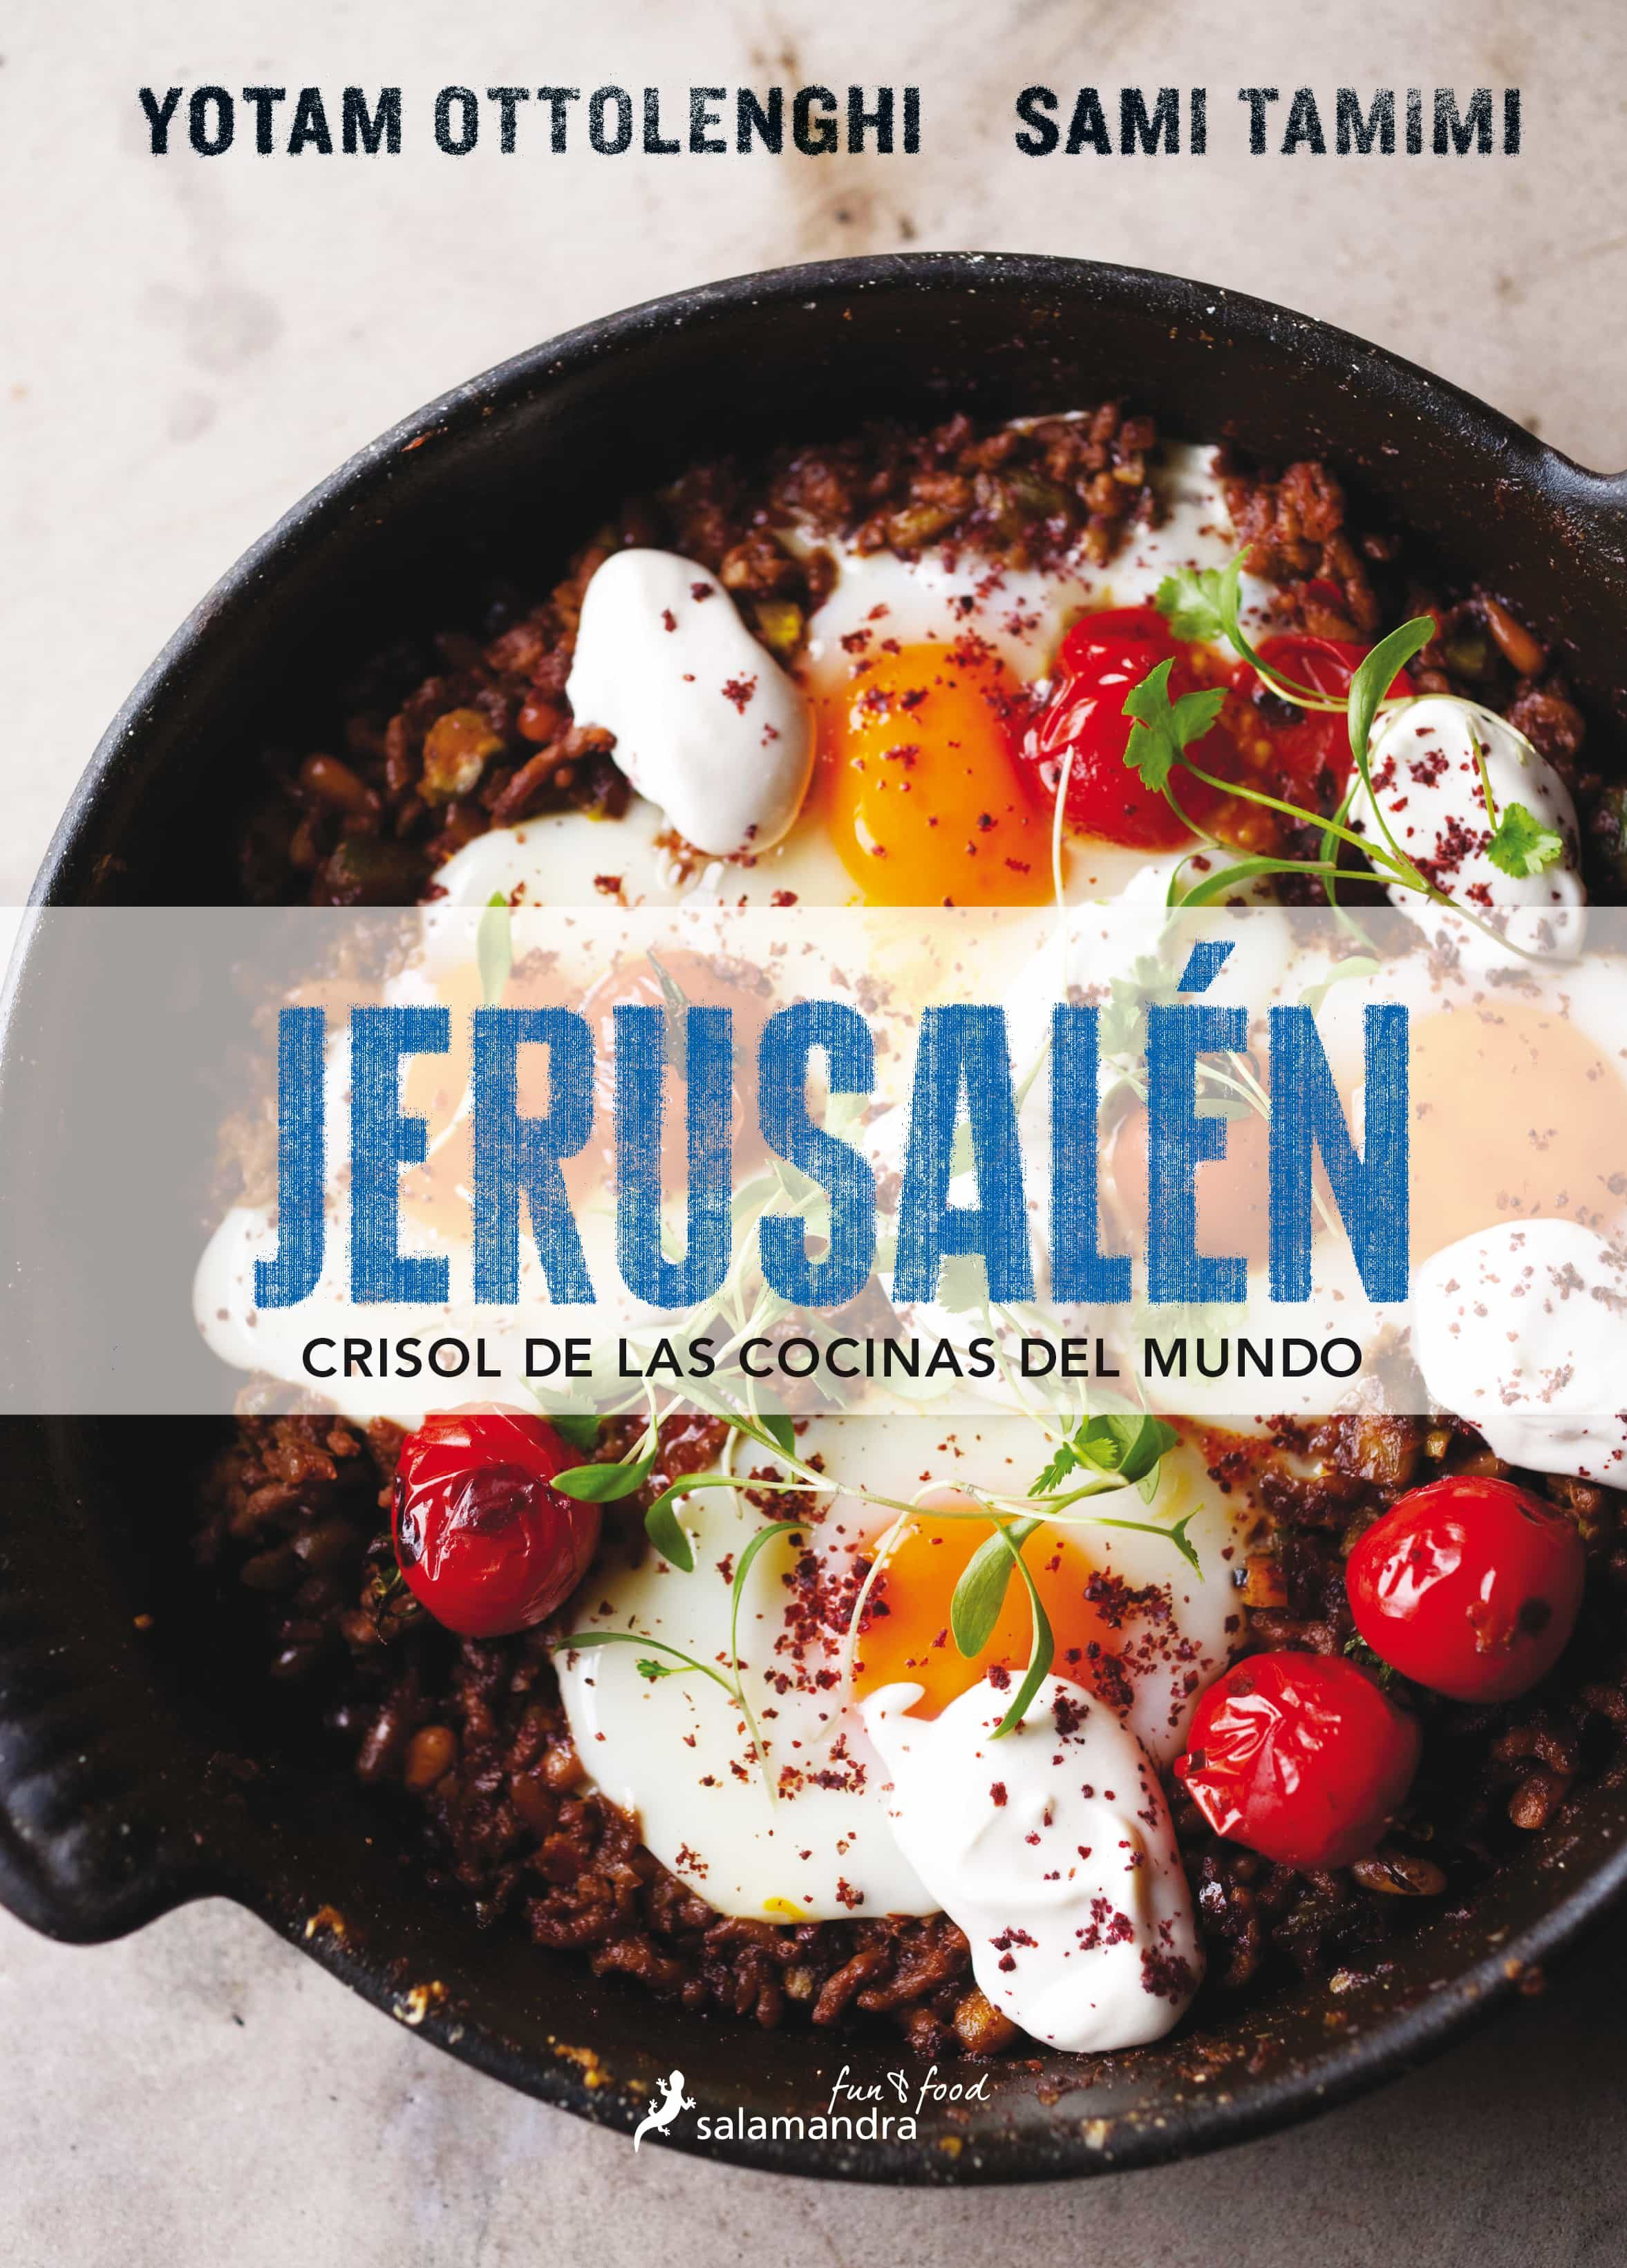 Jerusalen: Crisol De Las Cocinas Del Mundo por Yotam Ottolenghi;                                                                                    Sami Tamimi